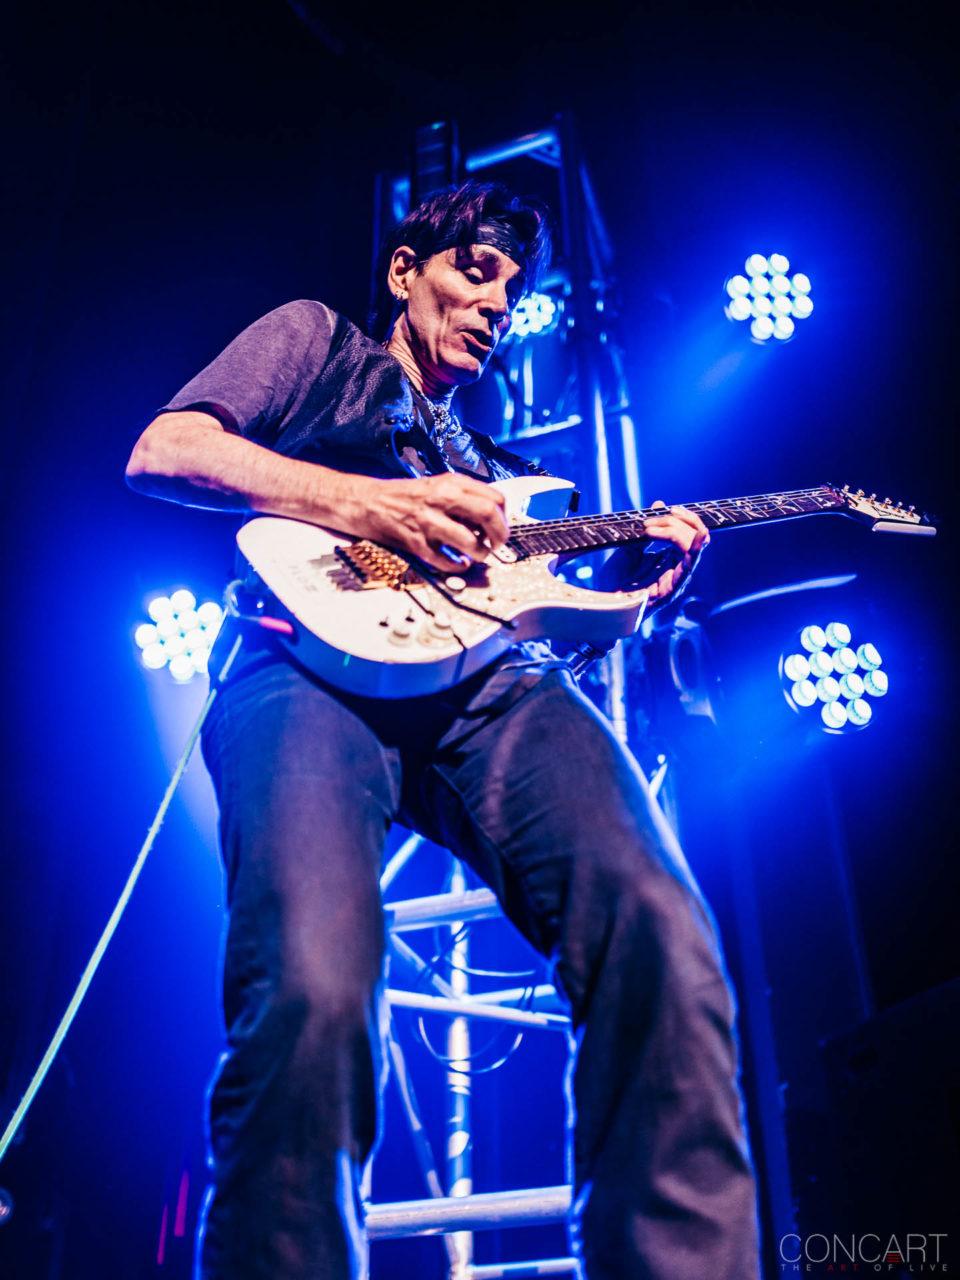 Steve Vai photo by Sean Molin 34